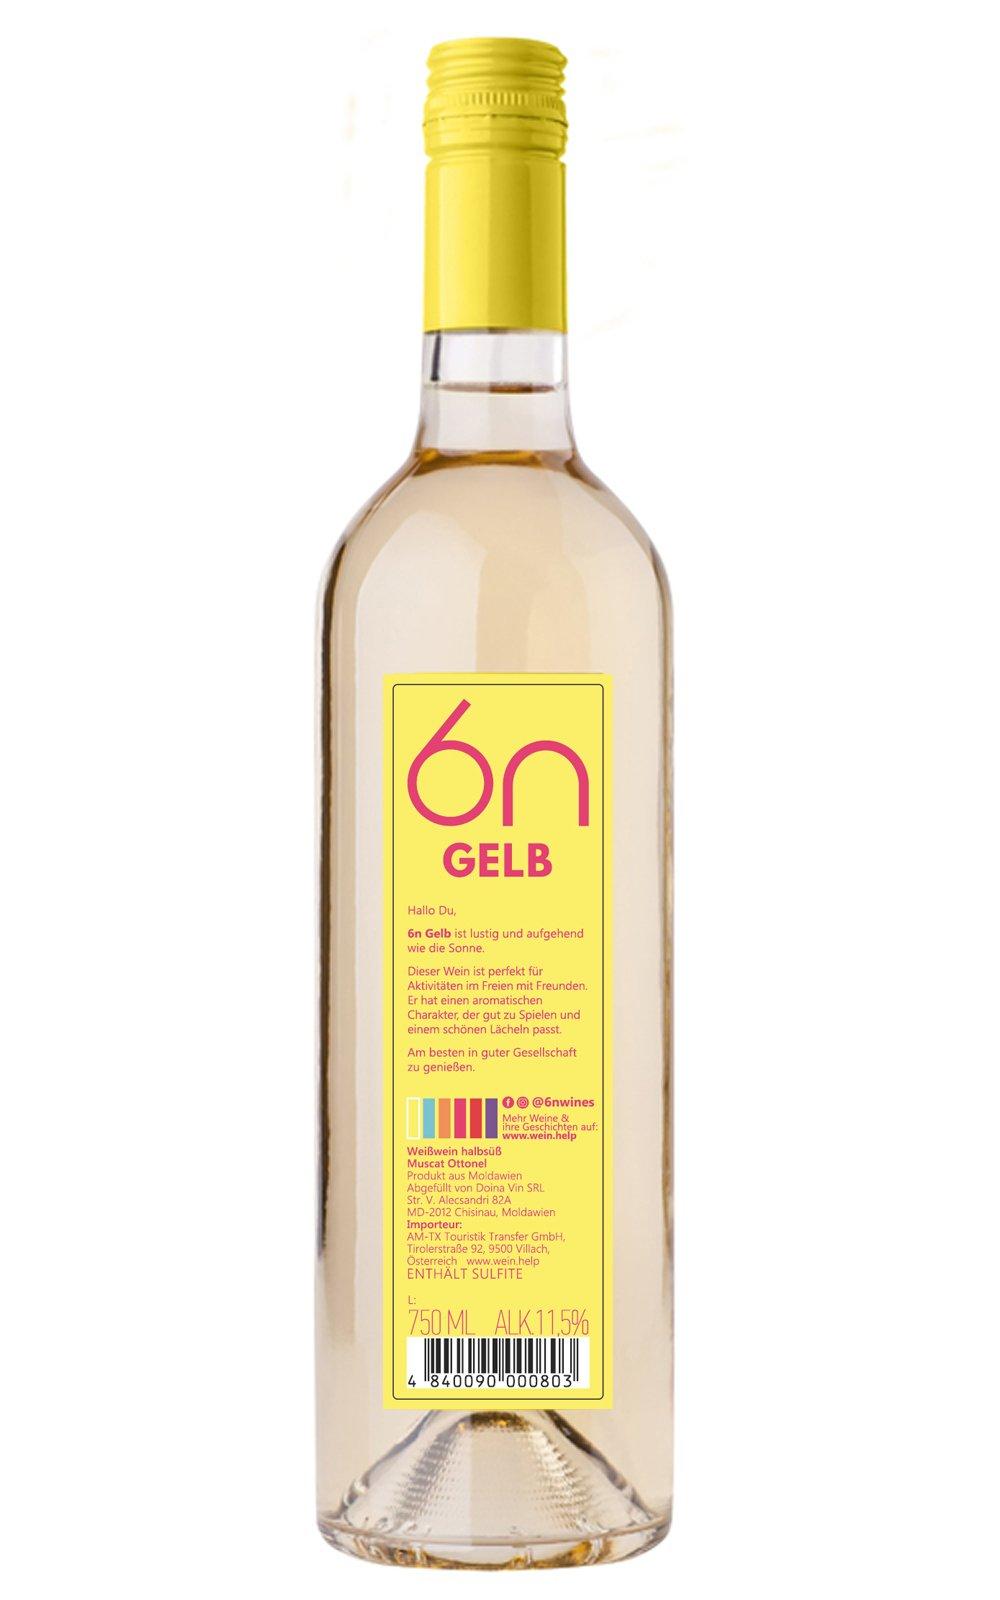 6n-Sun-gelb-Muskat-Ottonel-halbs-Veganer-Wein-ohne-Gelatine